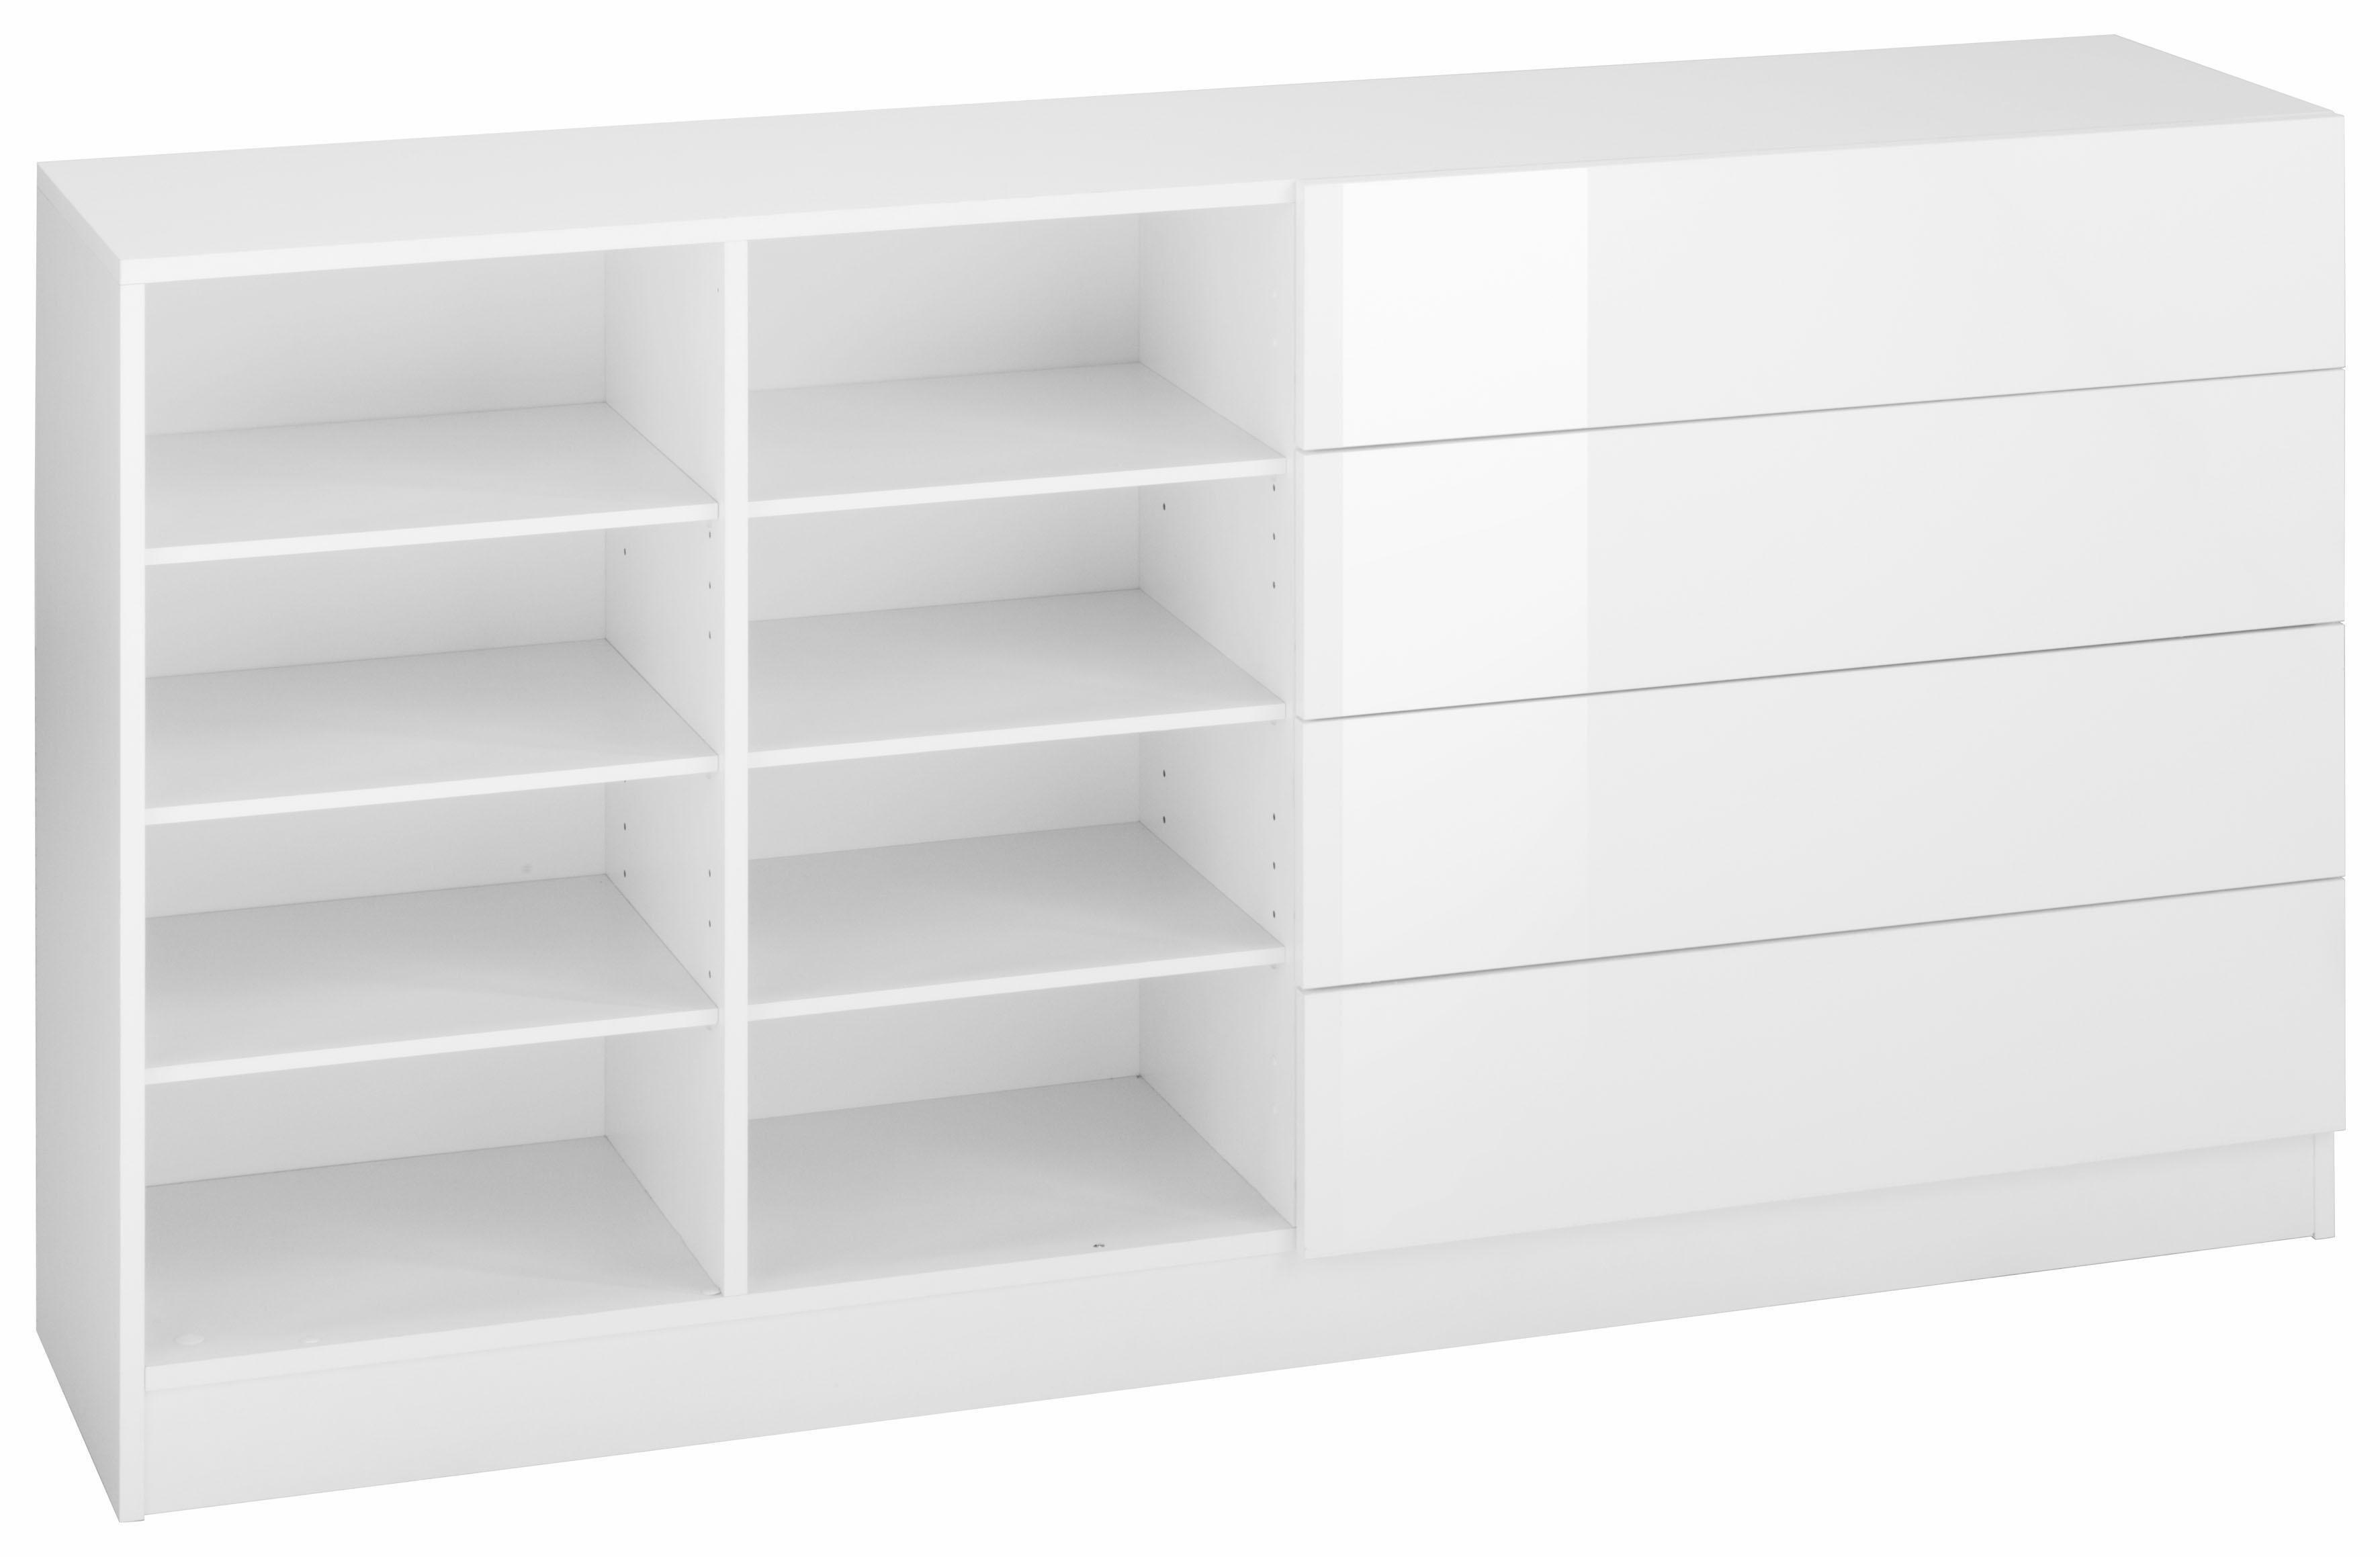 Borchardt Möbel Kommode »Tore«, Breite 152 cm   Wohnzimmer > Schränke > Kommoden   Weiß - Matt - Schwarz - Glanz   Melamin   borchardt Möbel